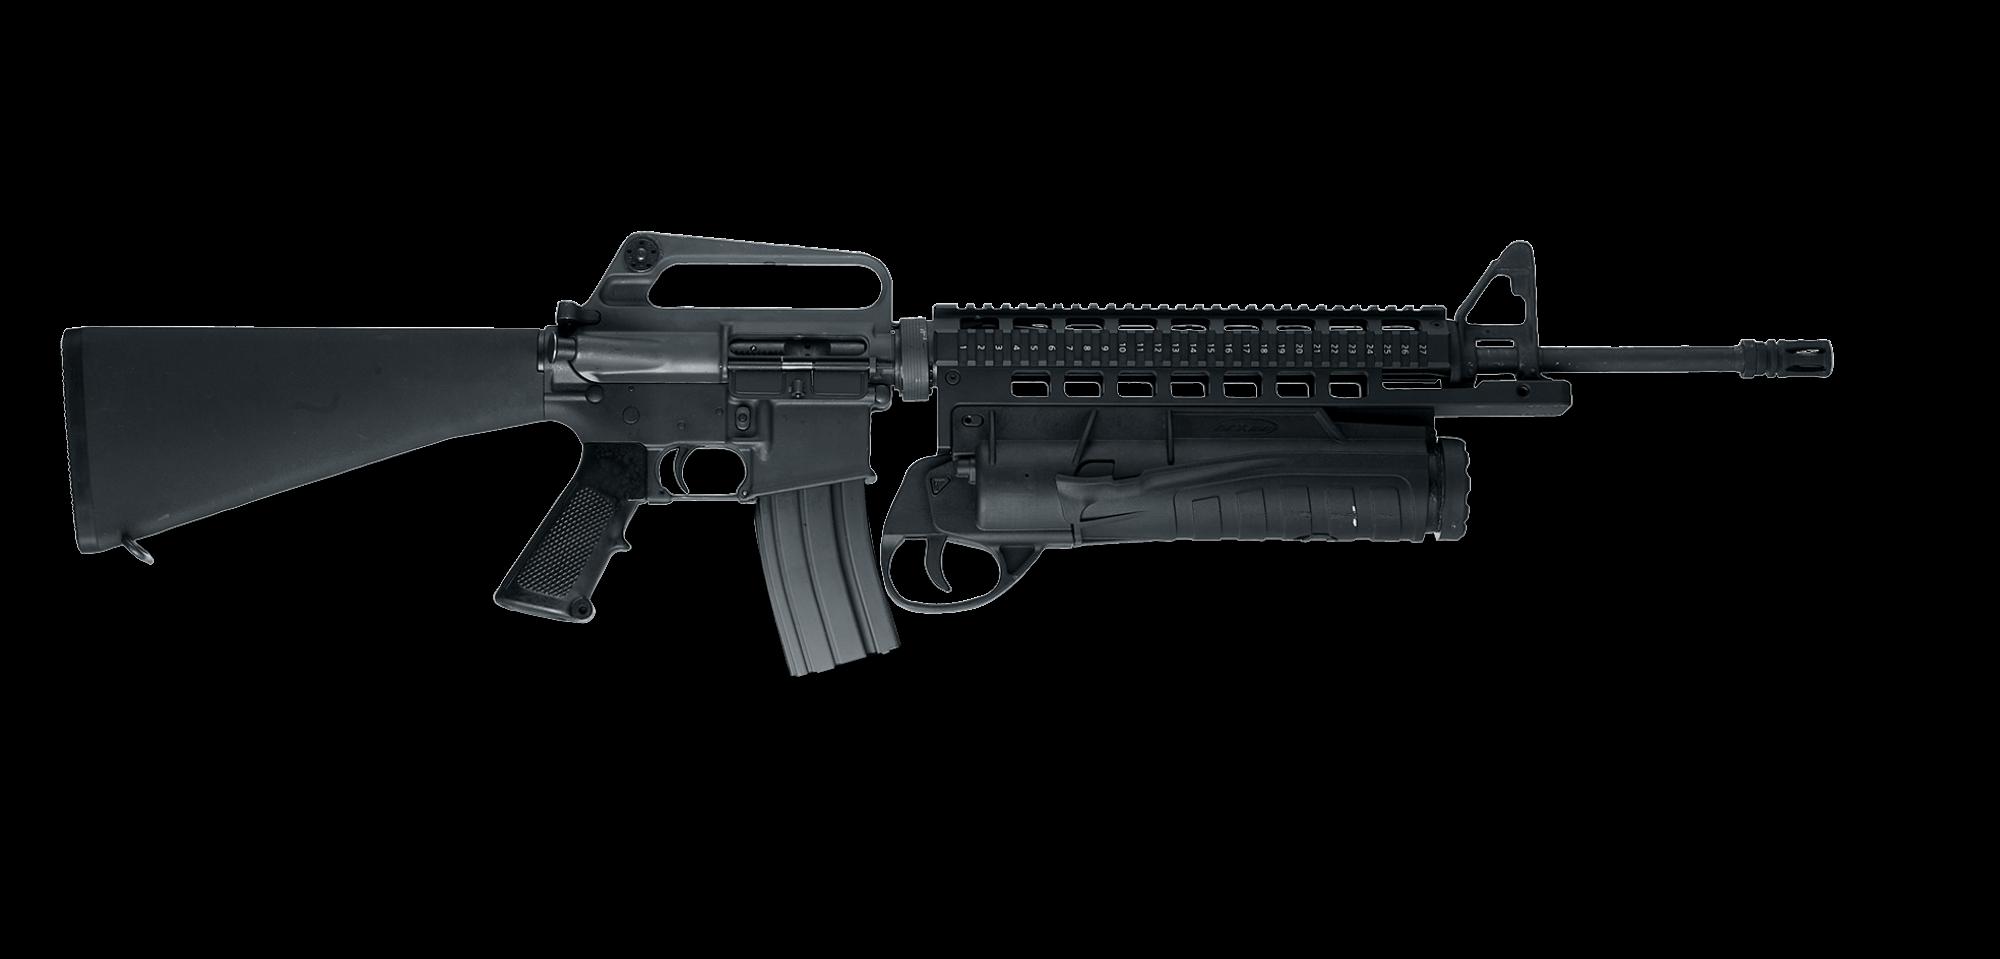 arx-160-assault-rifle-m16-grenade-launcher-add.png